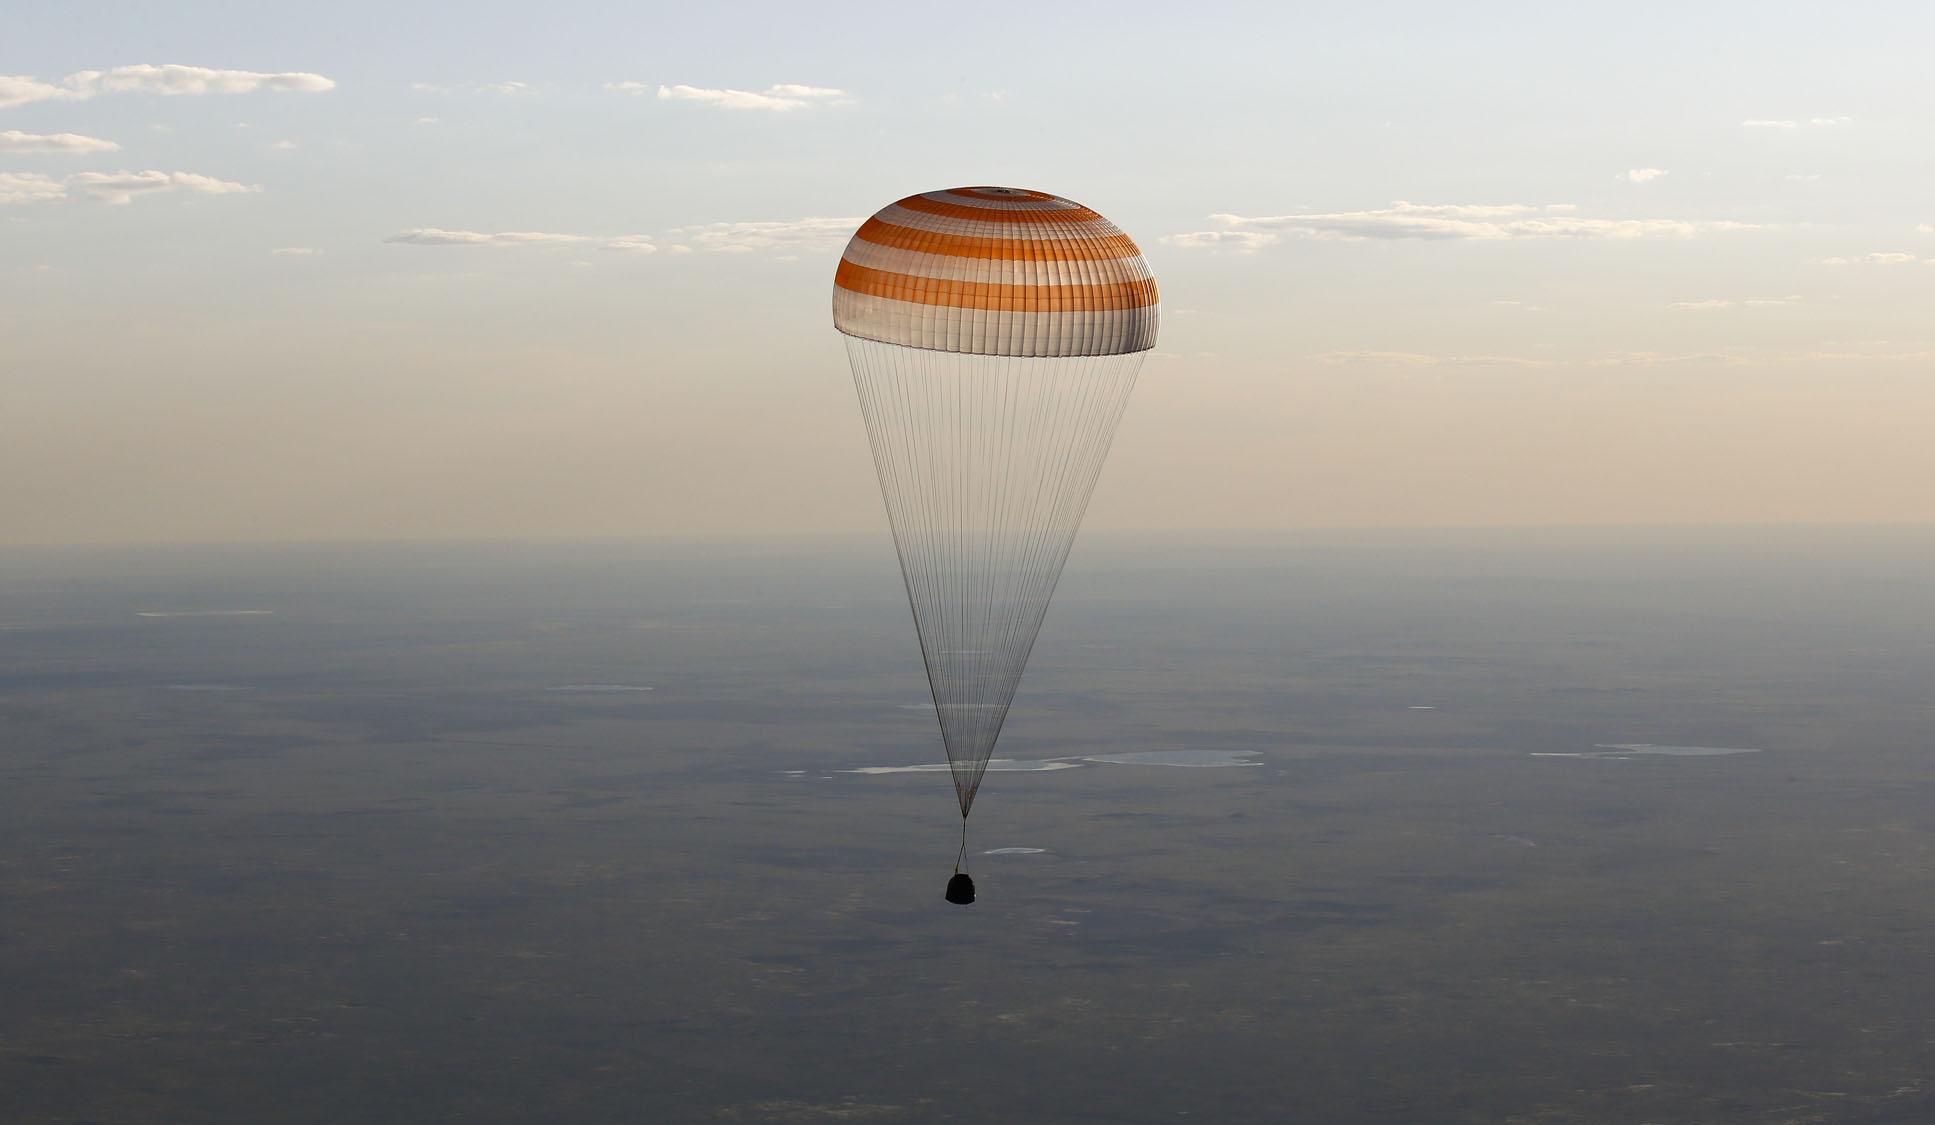 Russian Soyuz capsule lands in Kazakhstan